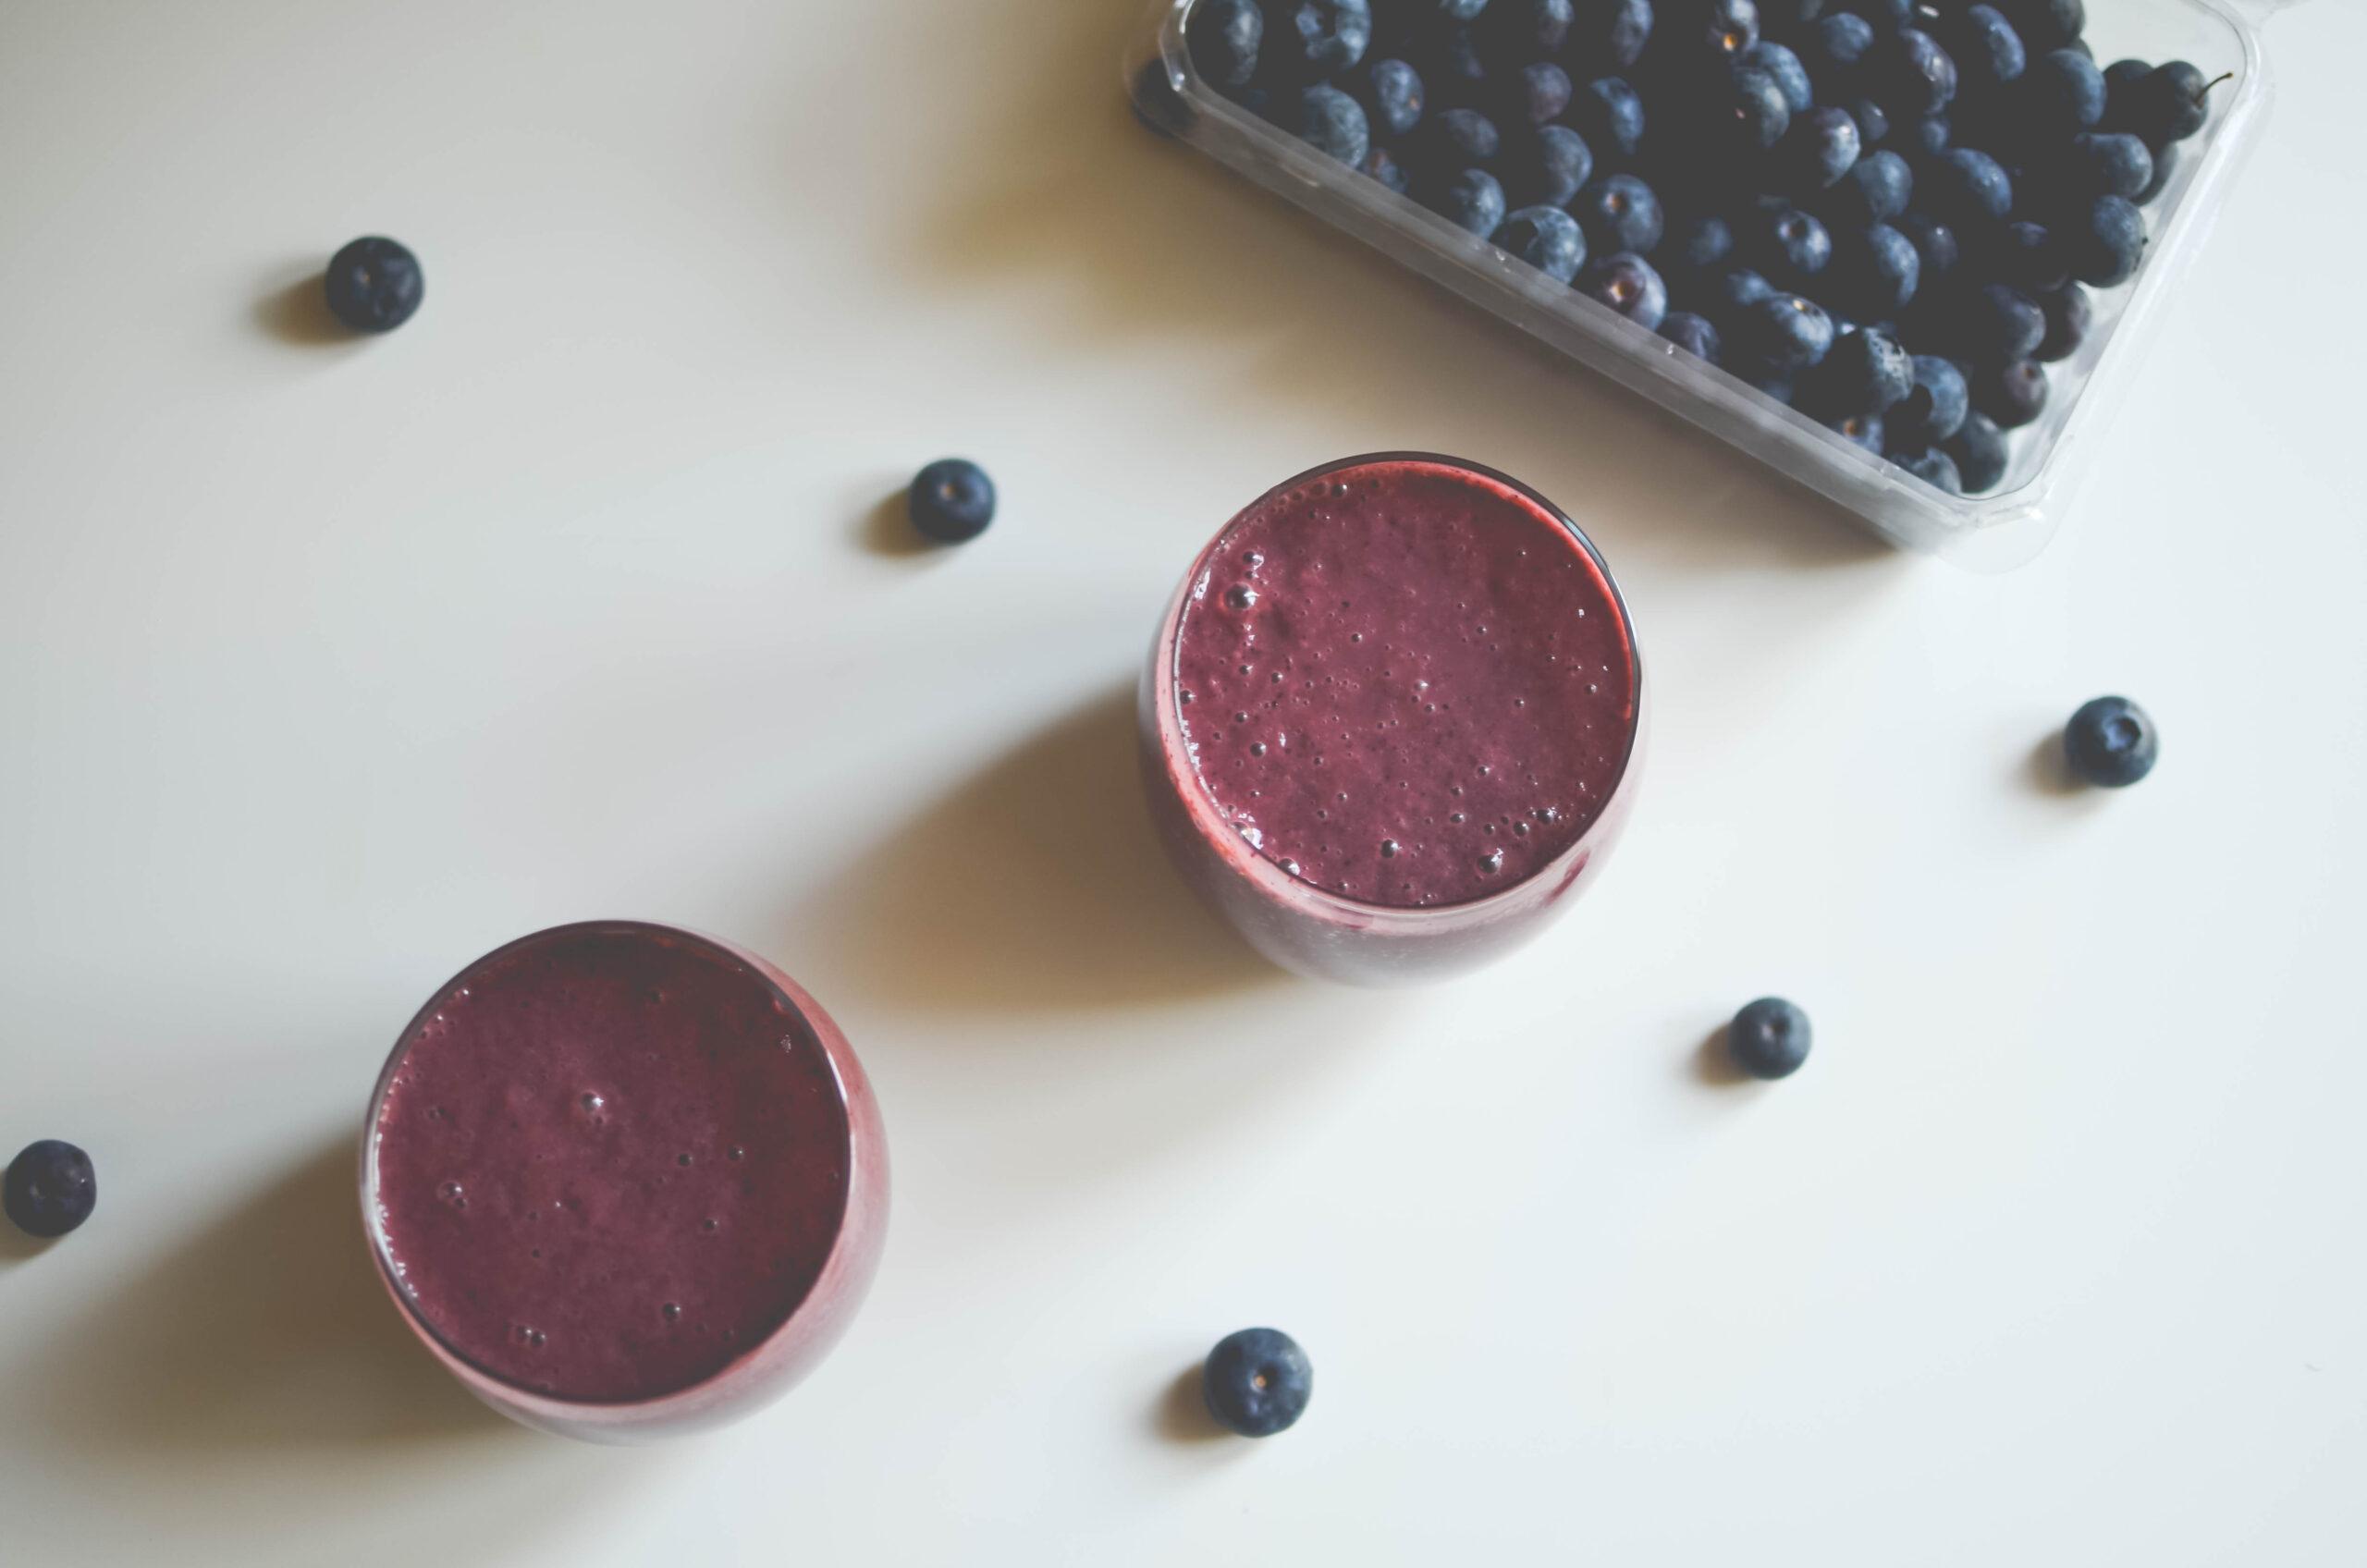 acai blueberry avocado smoothie